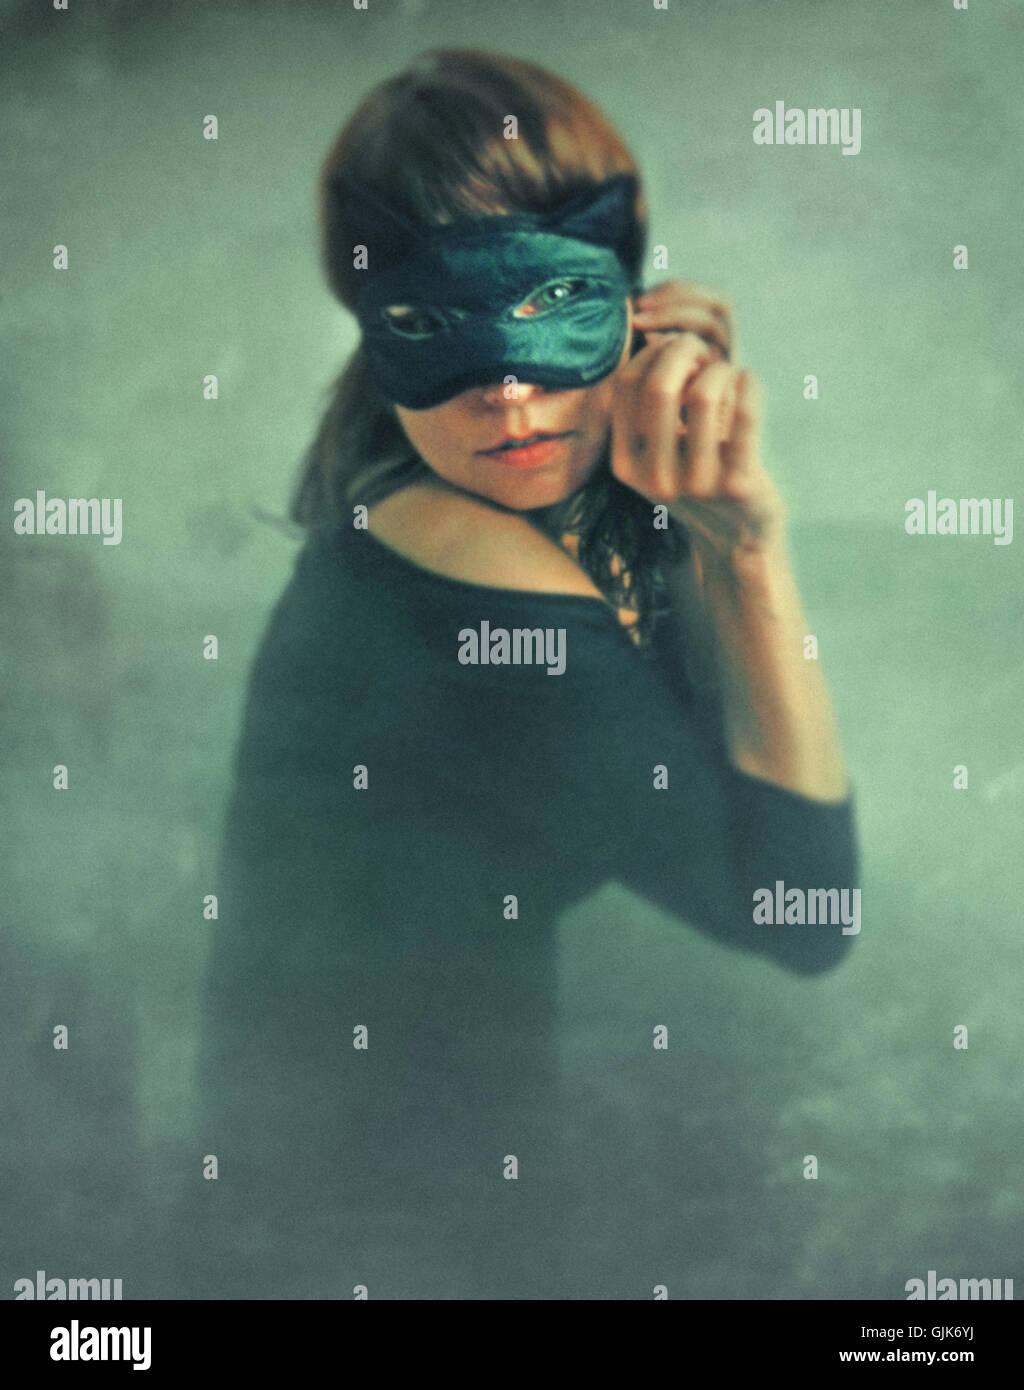 Misteriosa giovane donna vestita di nero cat maschera sul viso Immagini Stock